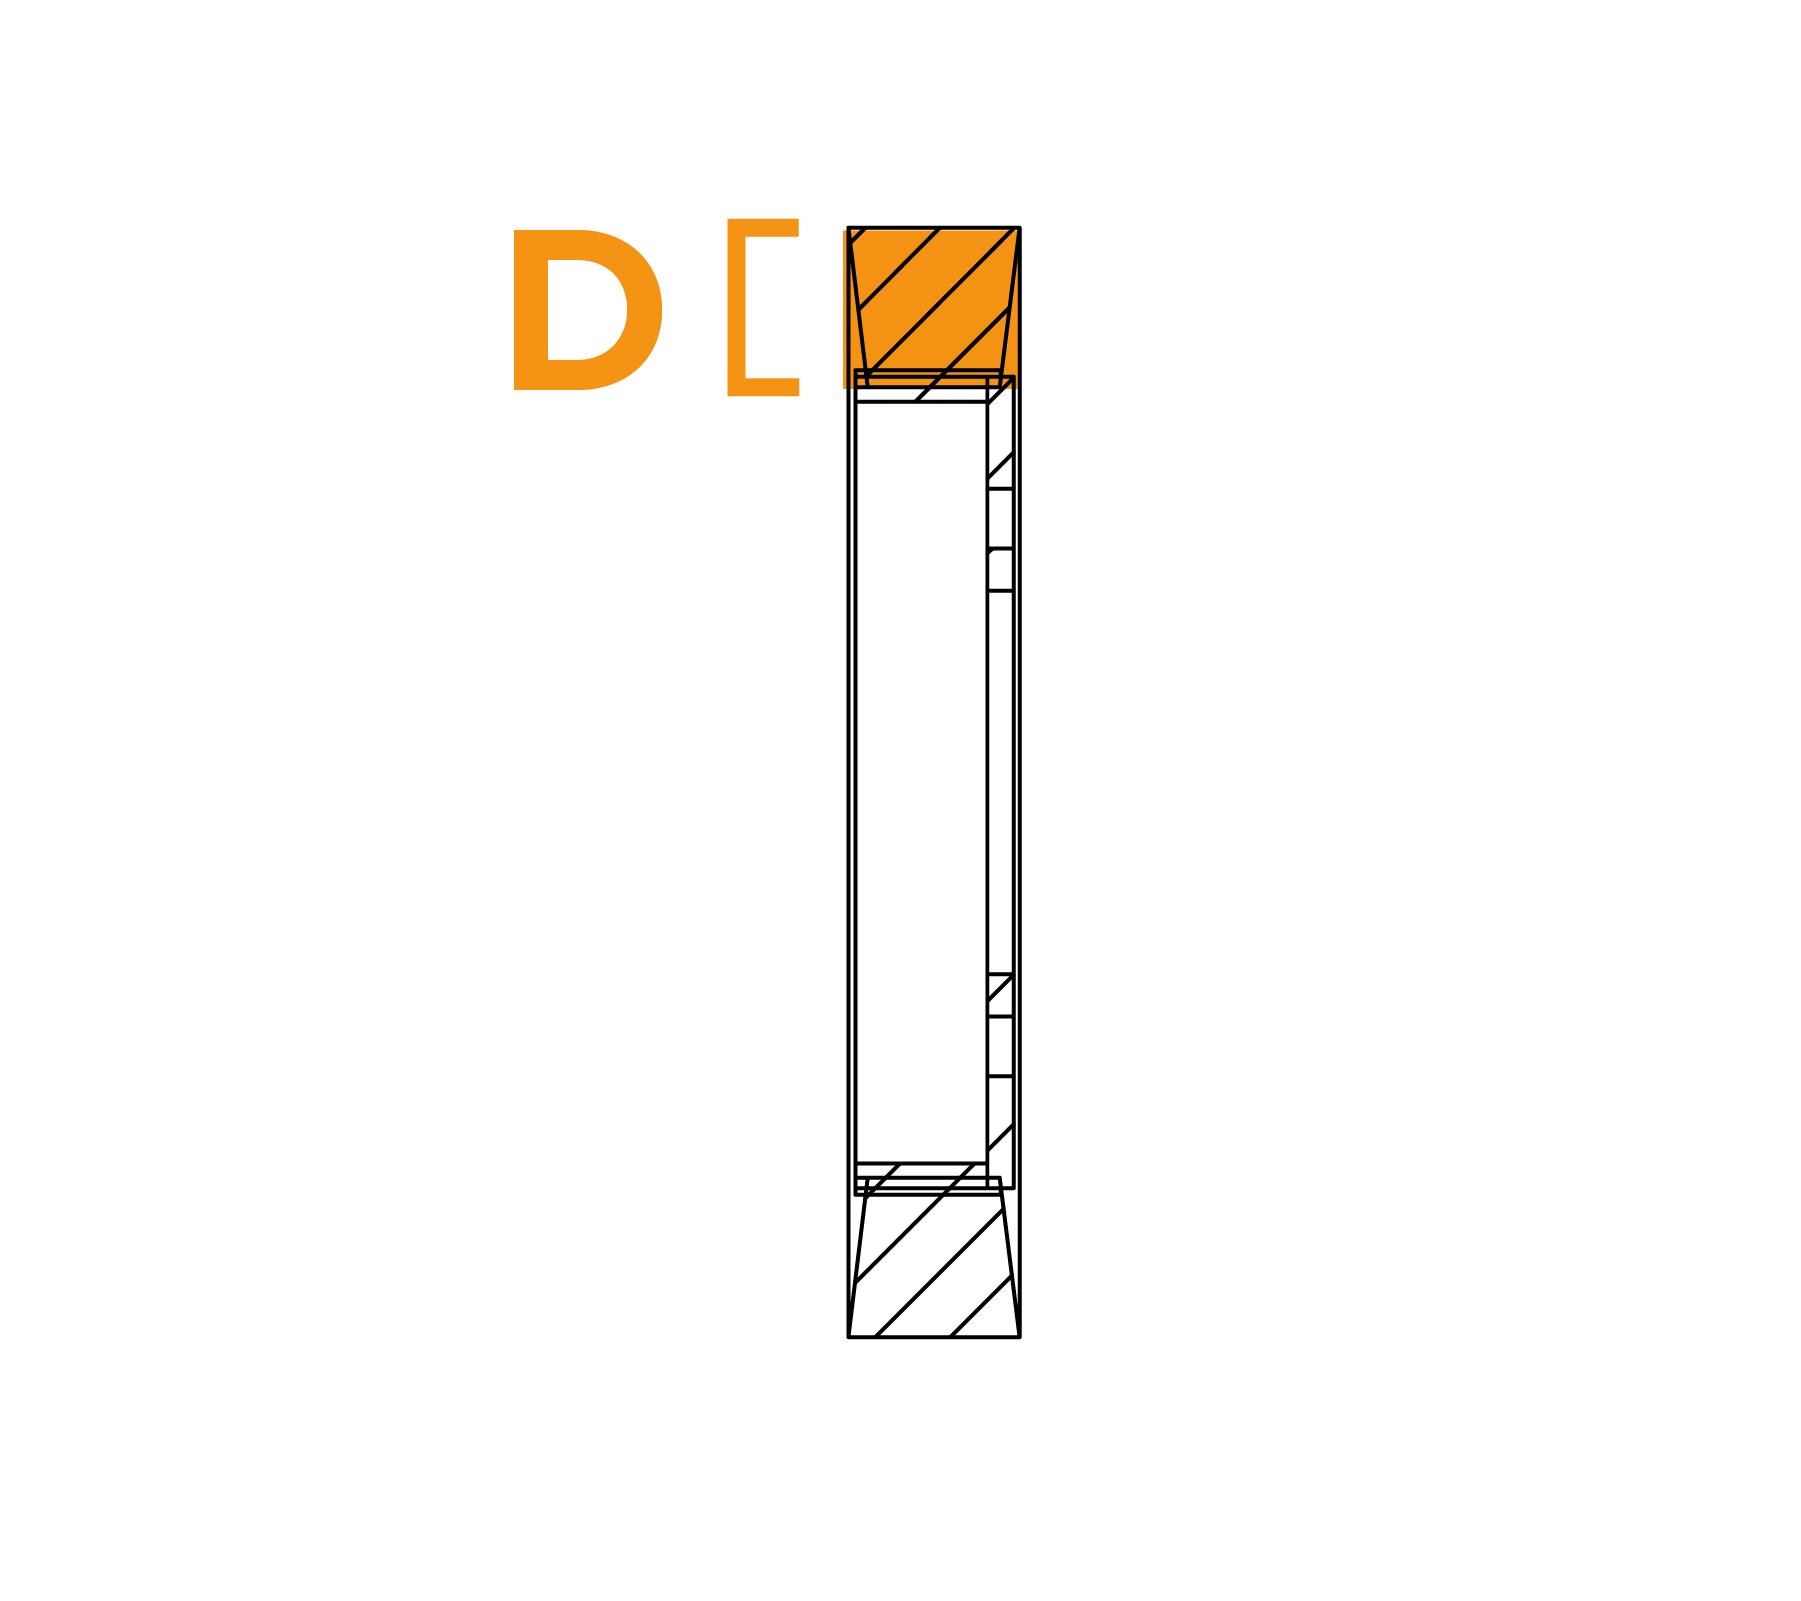 Ringborstel met platte draadflens - Diagram D